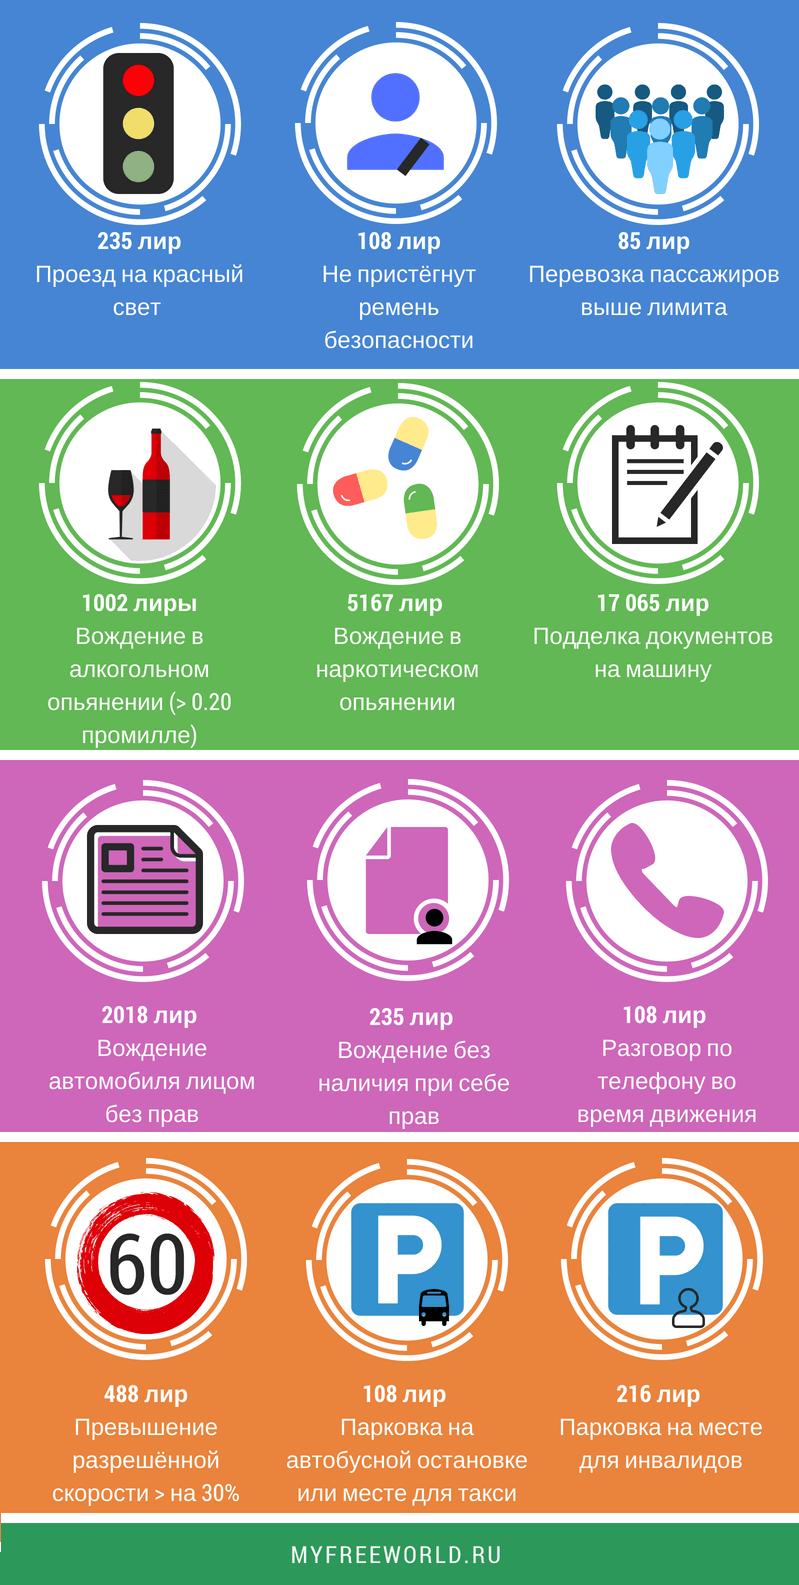 Инфографика ШТРАФЫ Турции 2018 г.